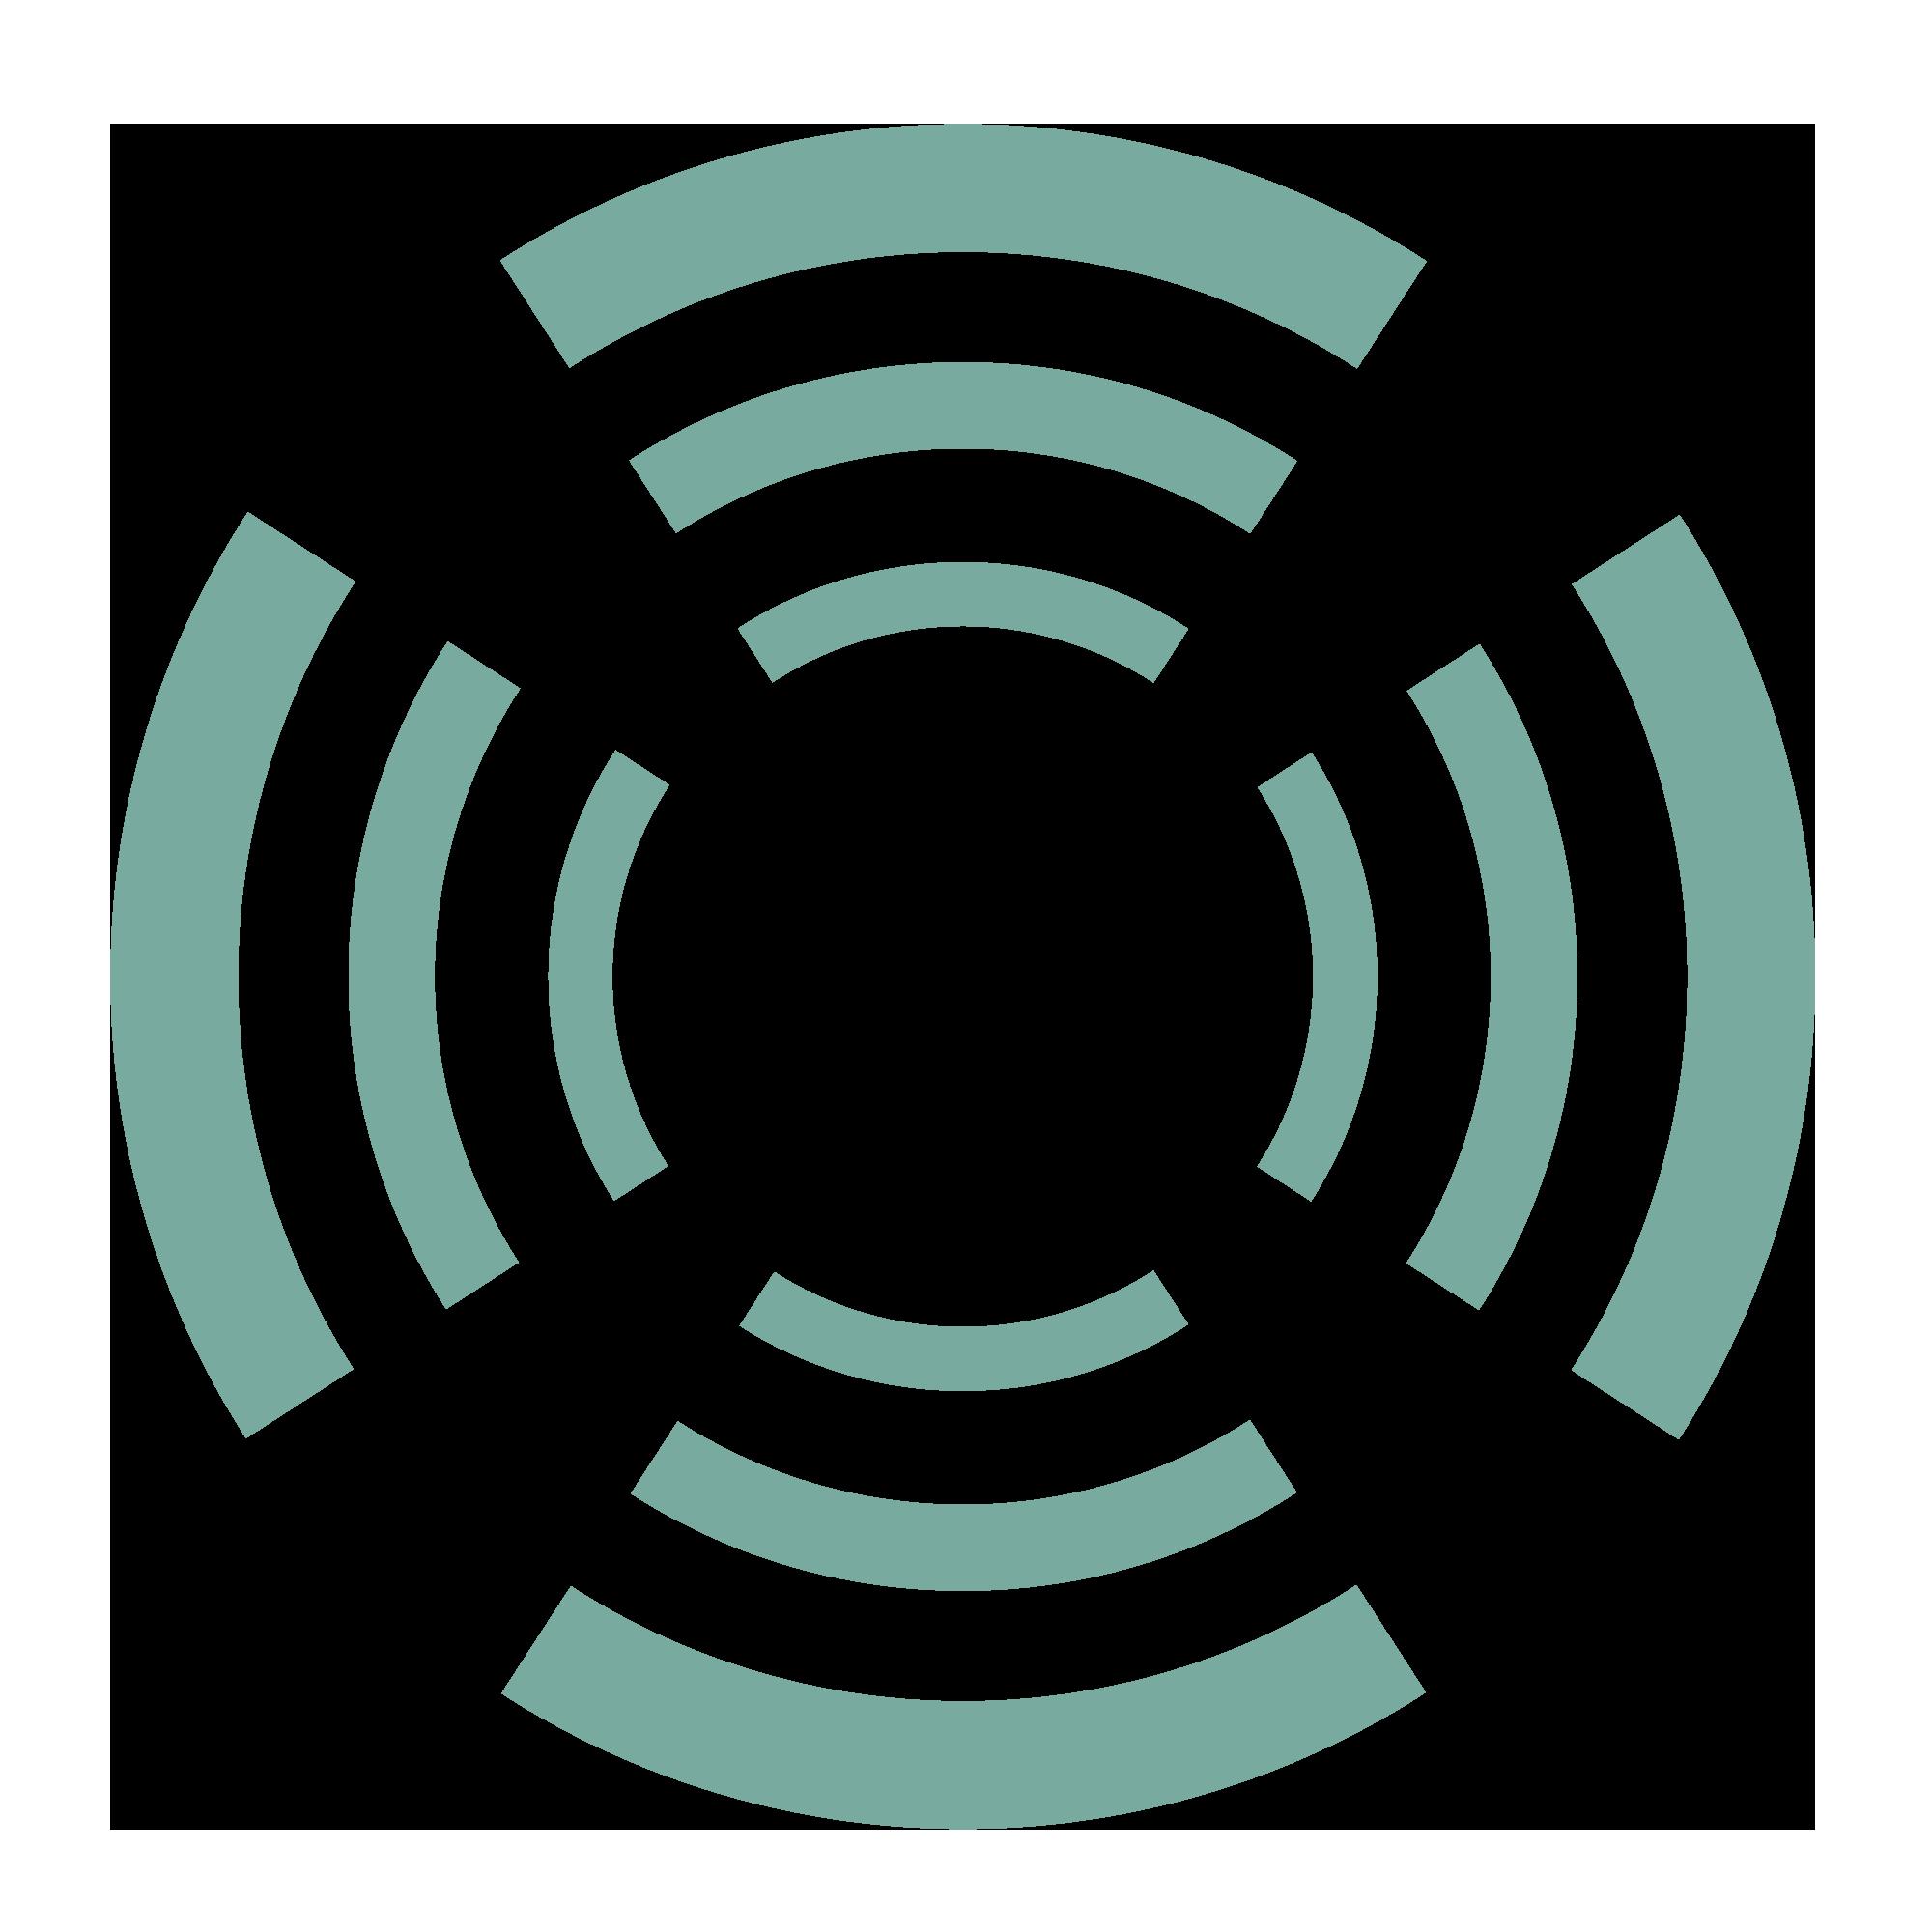 Situate symbol